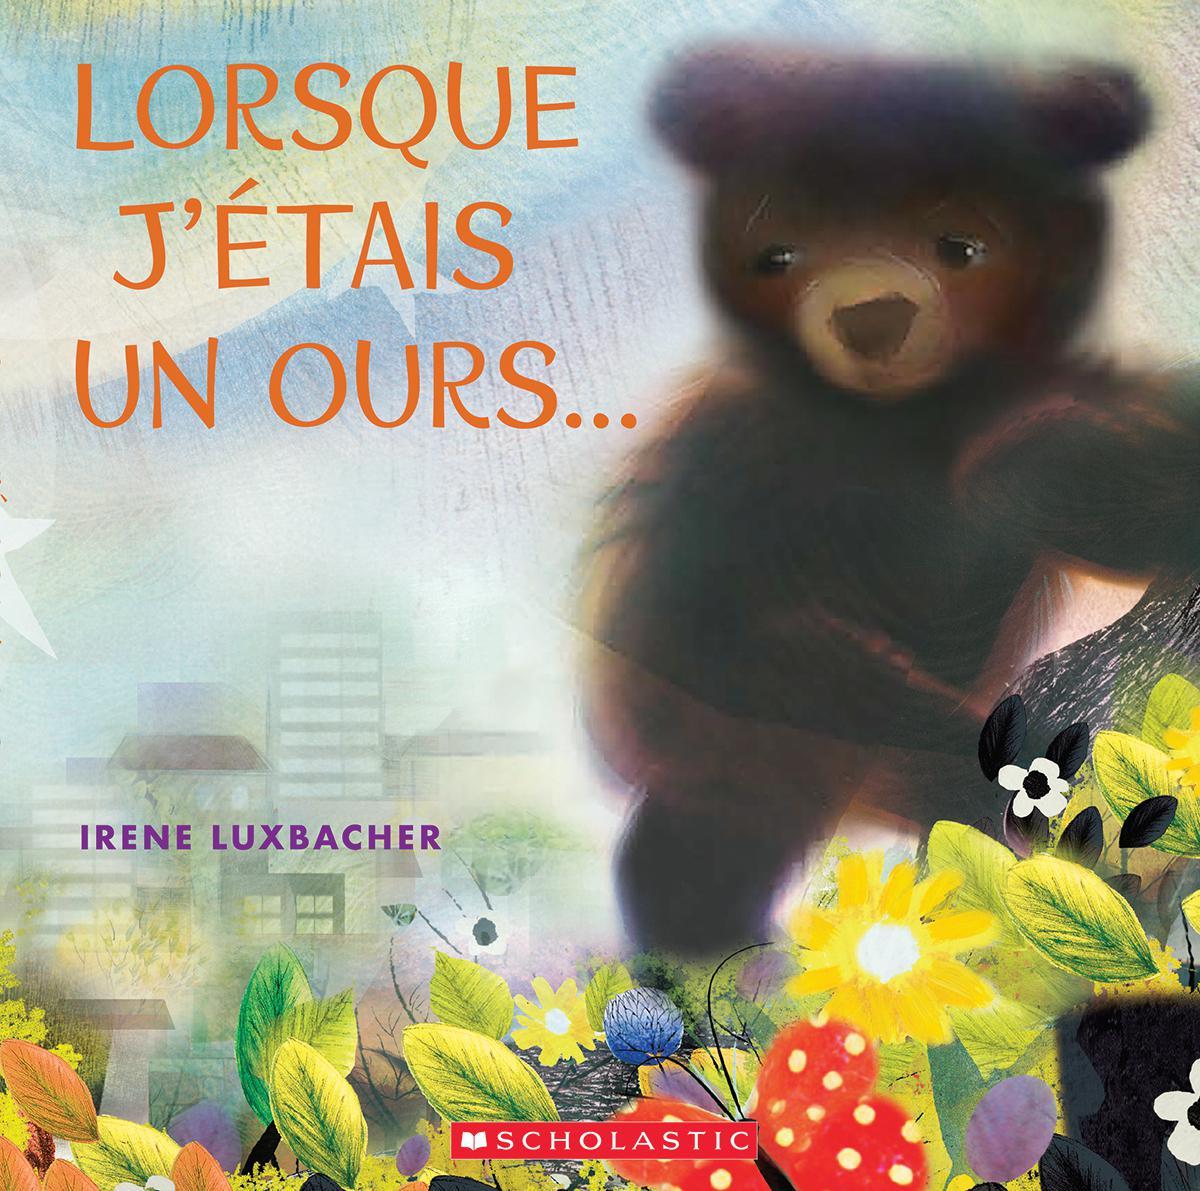 Lorsque j'étais un ours...